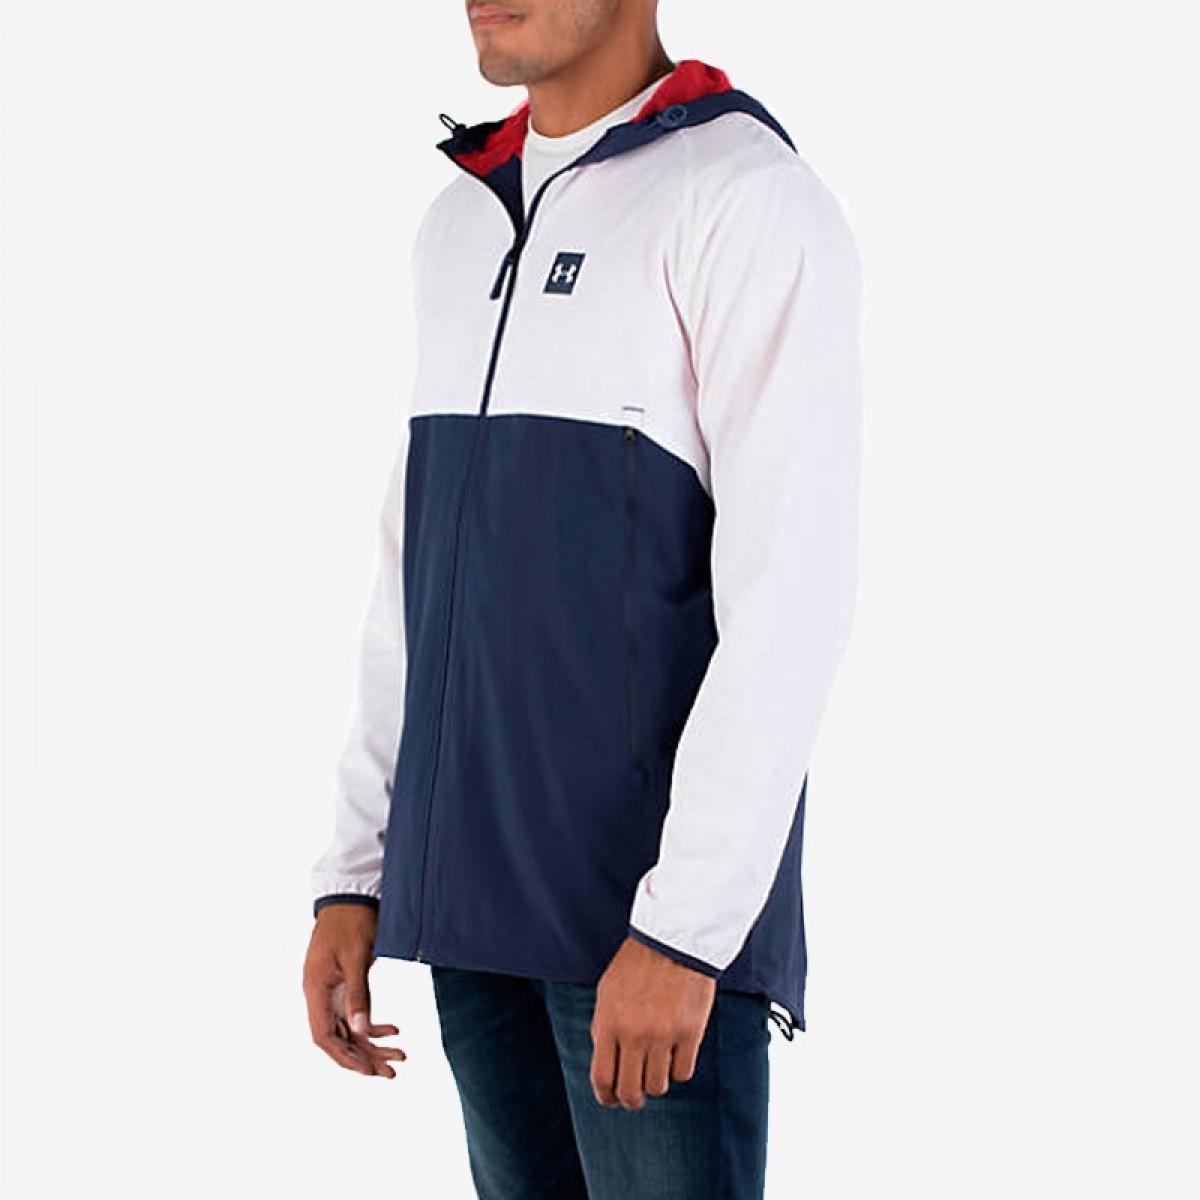 UA Fish Tail Jacket 'USA'